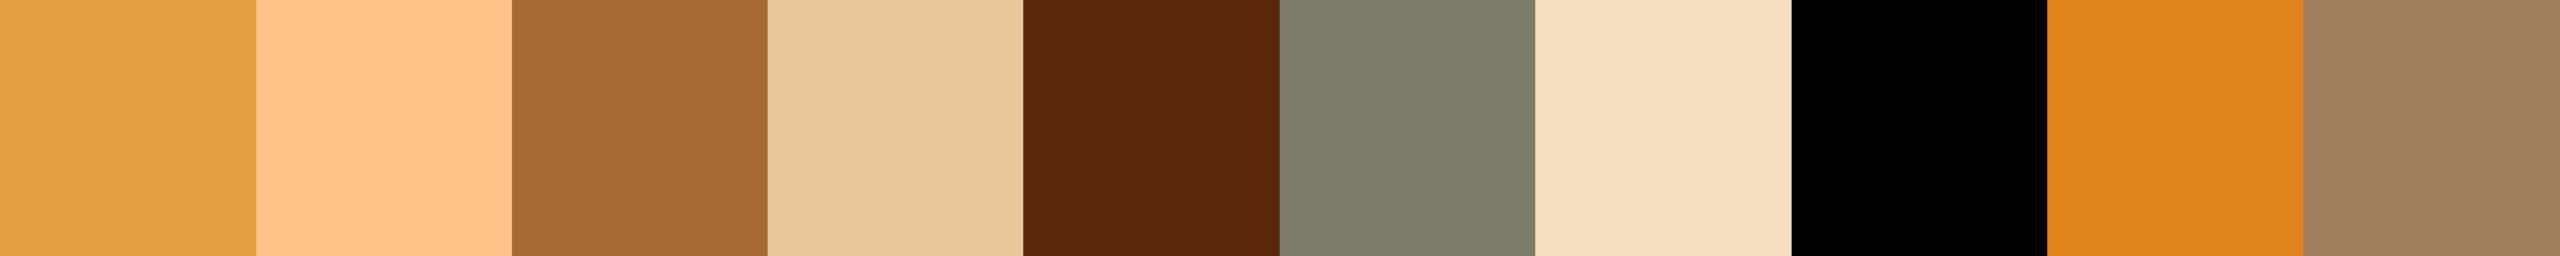 159 Sholava Color Palette